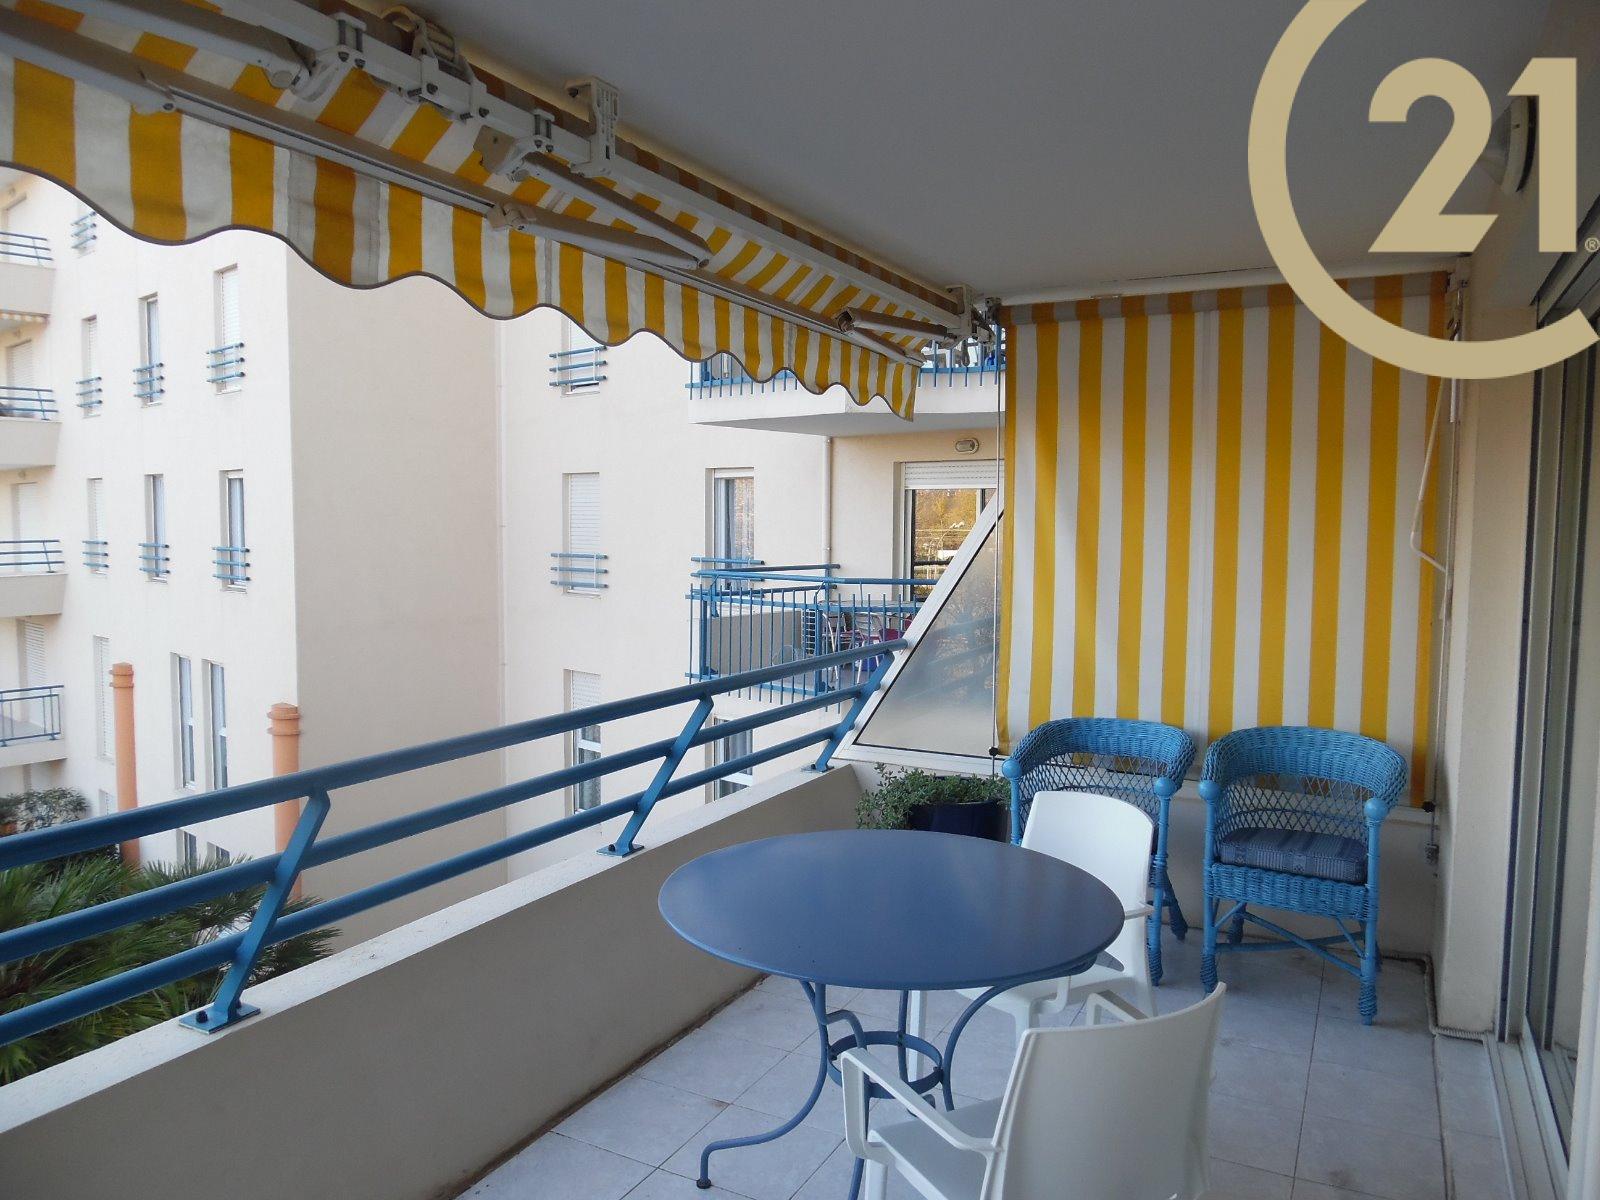 vente vente frejus plage appartement 2 pieces avec terrasse. Black Bedroom Furniture Sets. Home Design Ideas